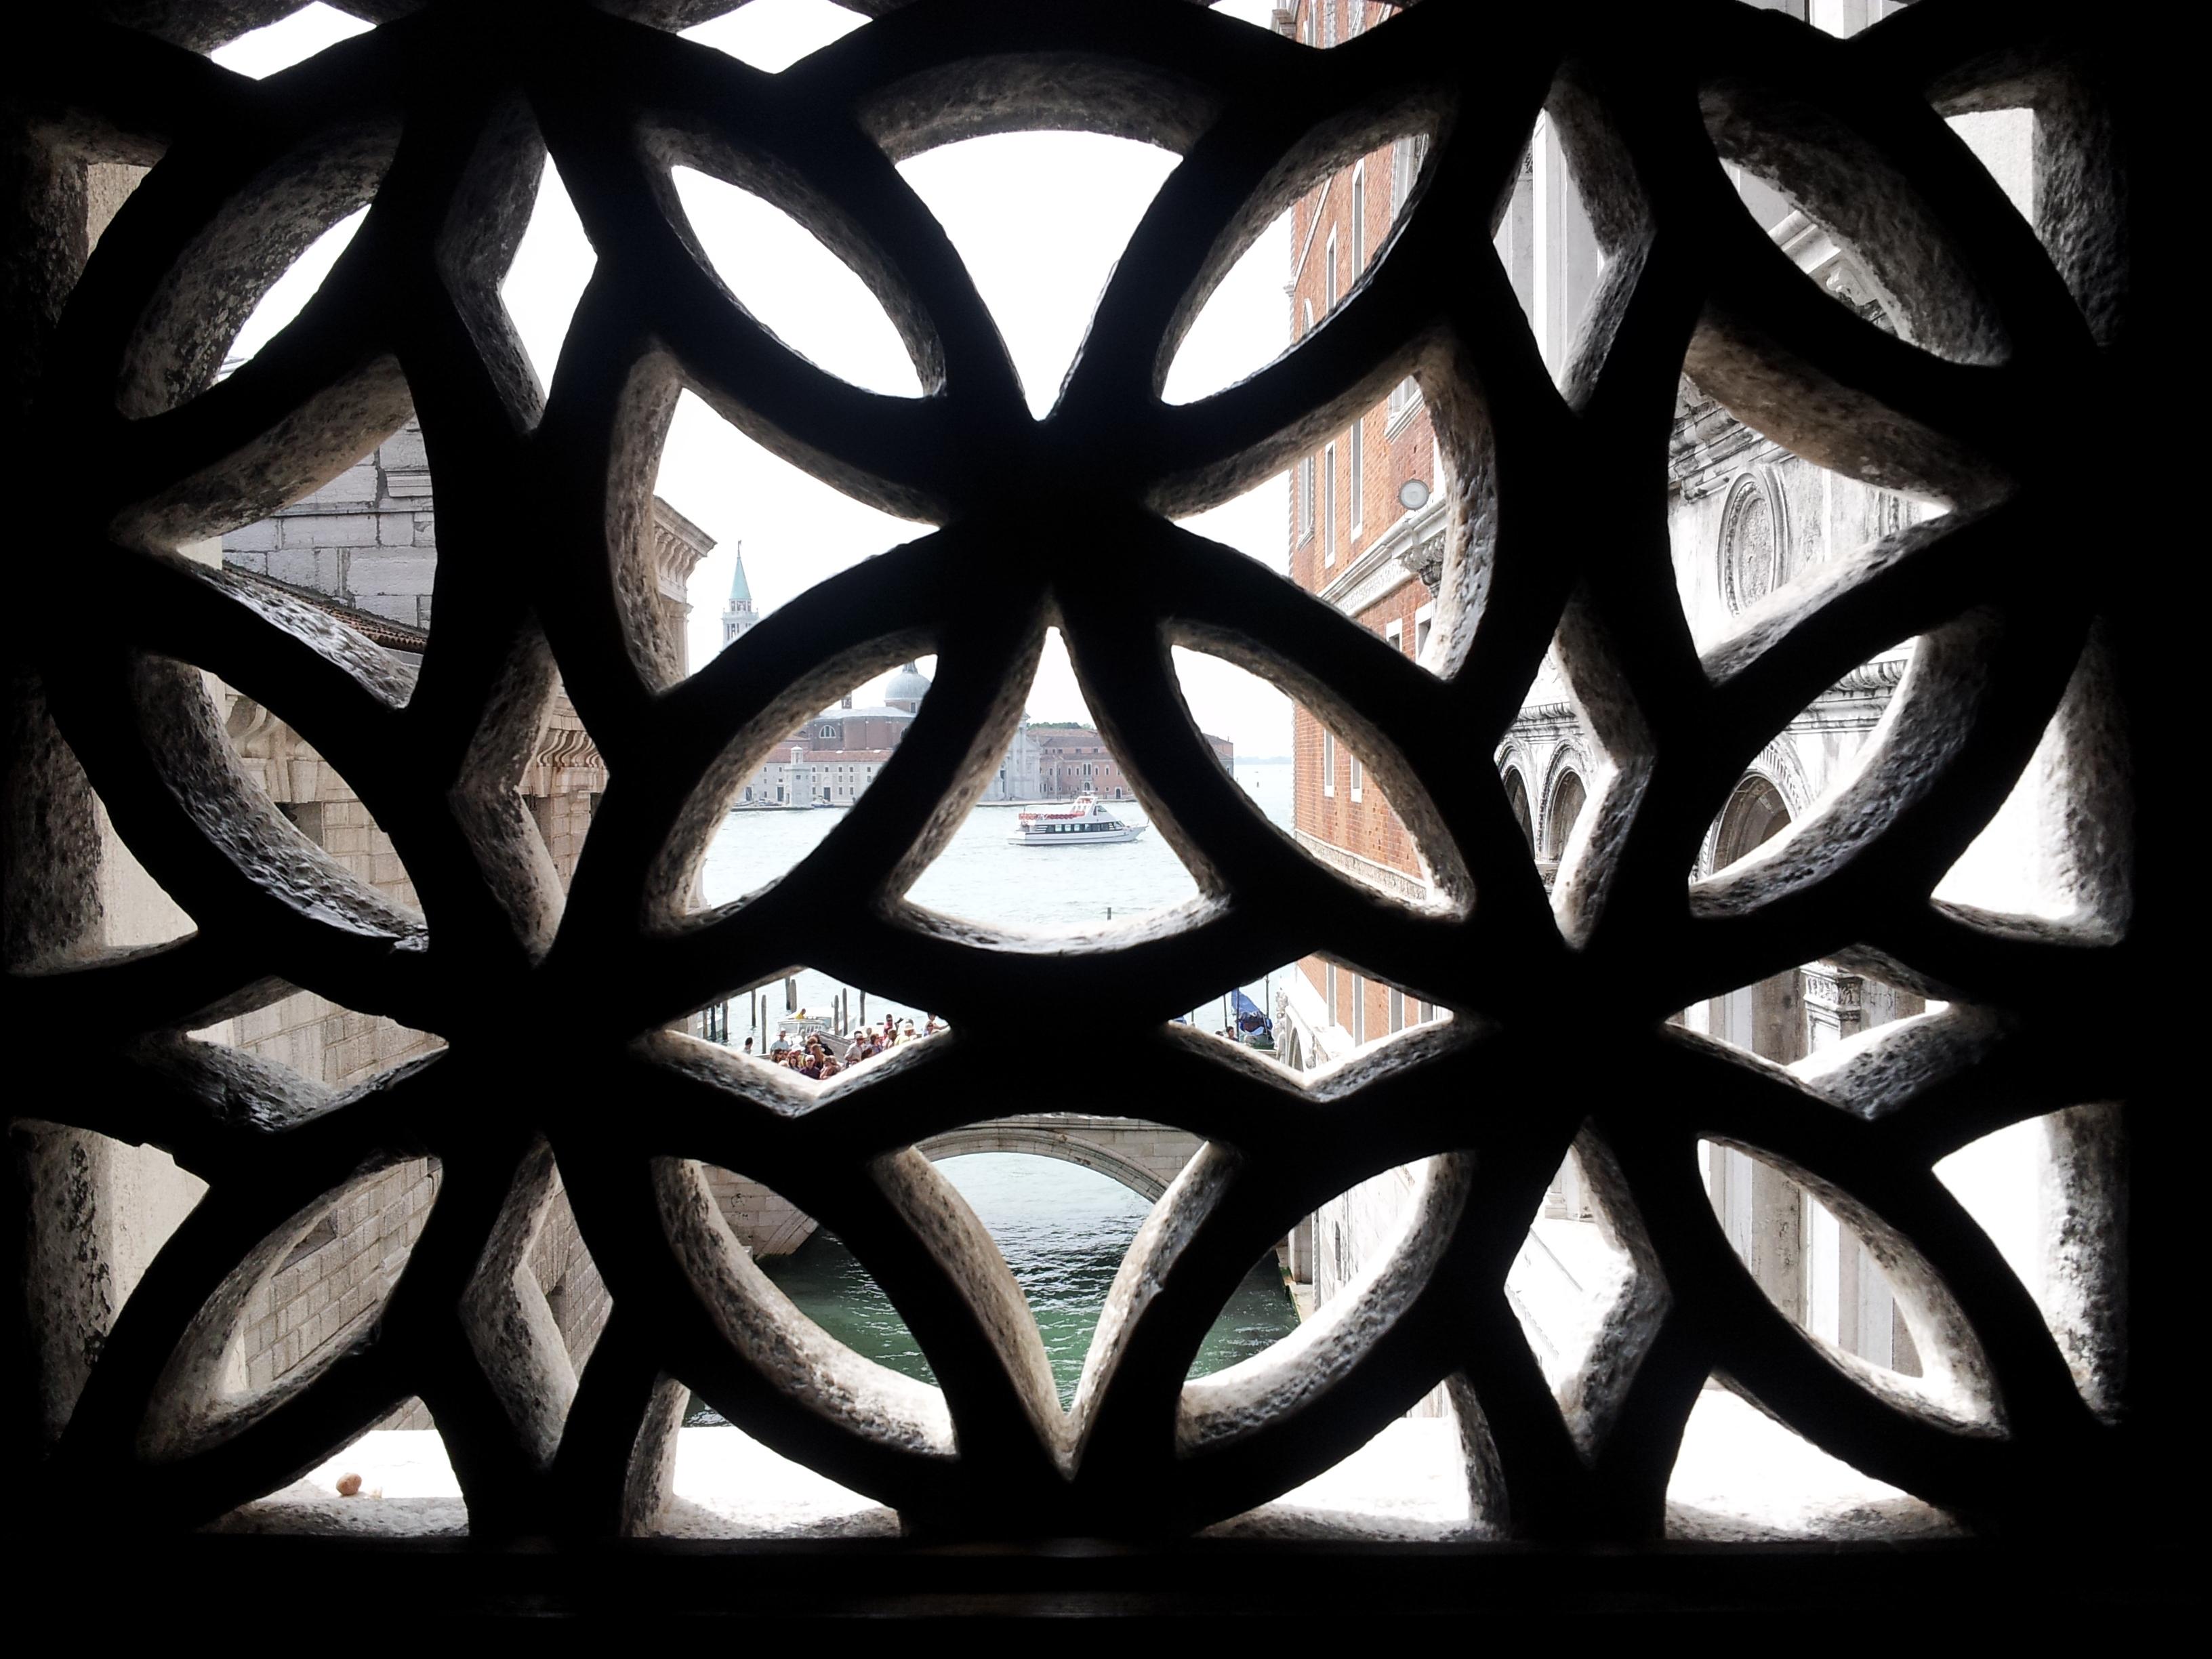 Dentro il ponte dei sospiri, palazzo ducale a Venezia